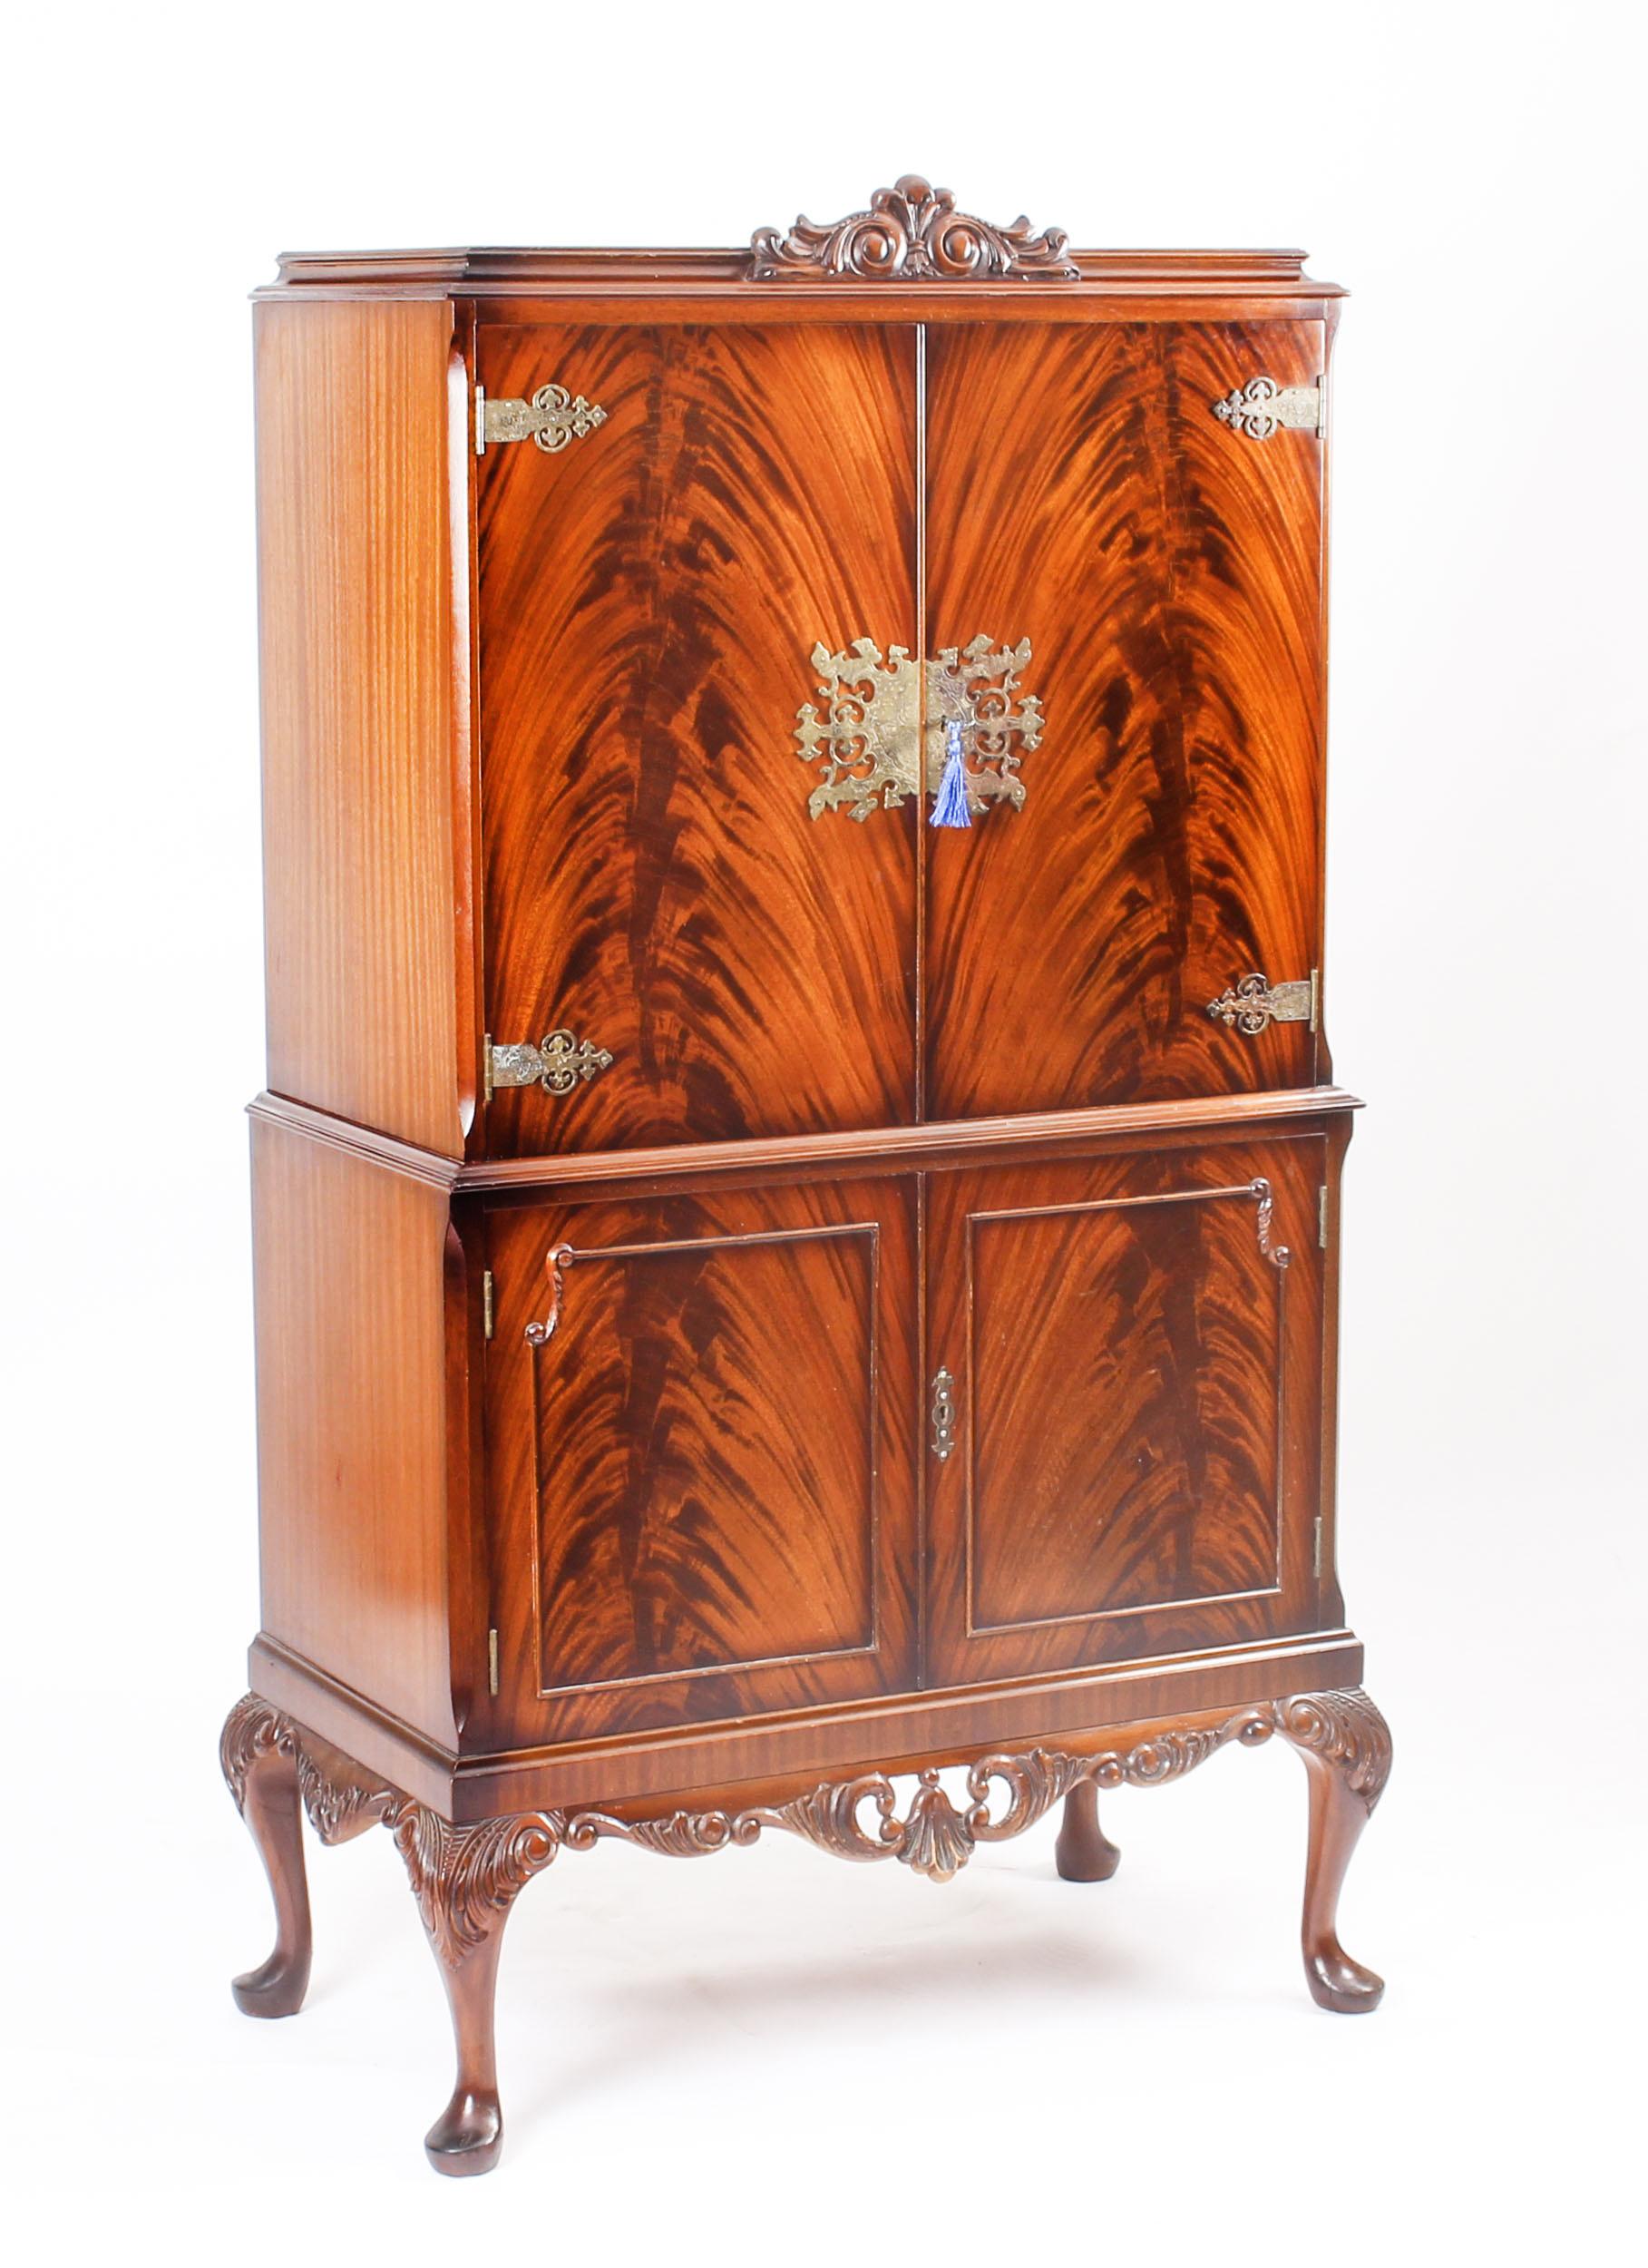 Vintage Flame Mahogany Ref No 09844 Regent Antiques